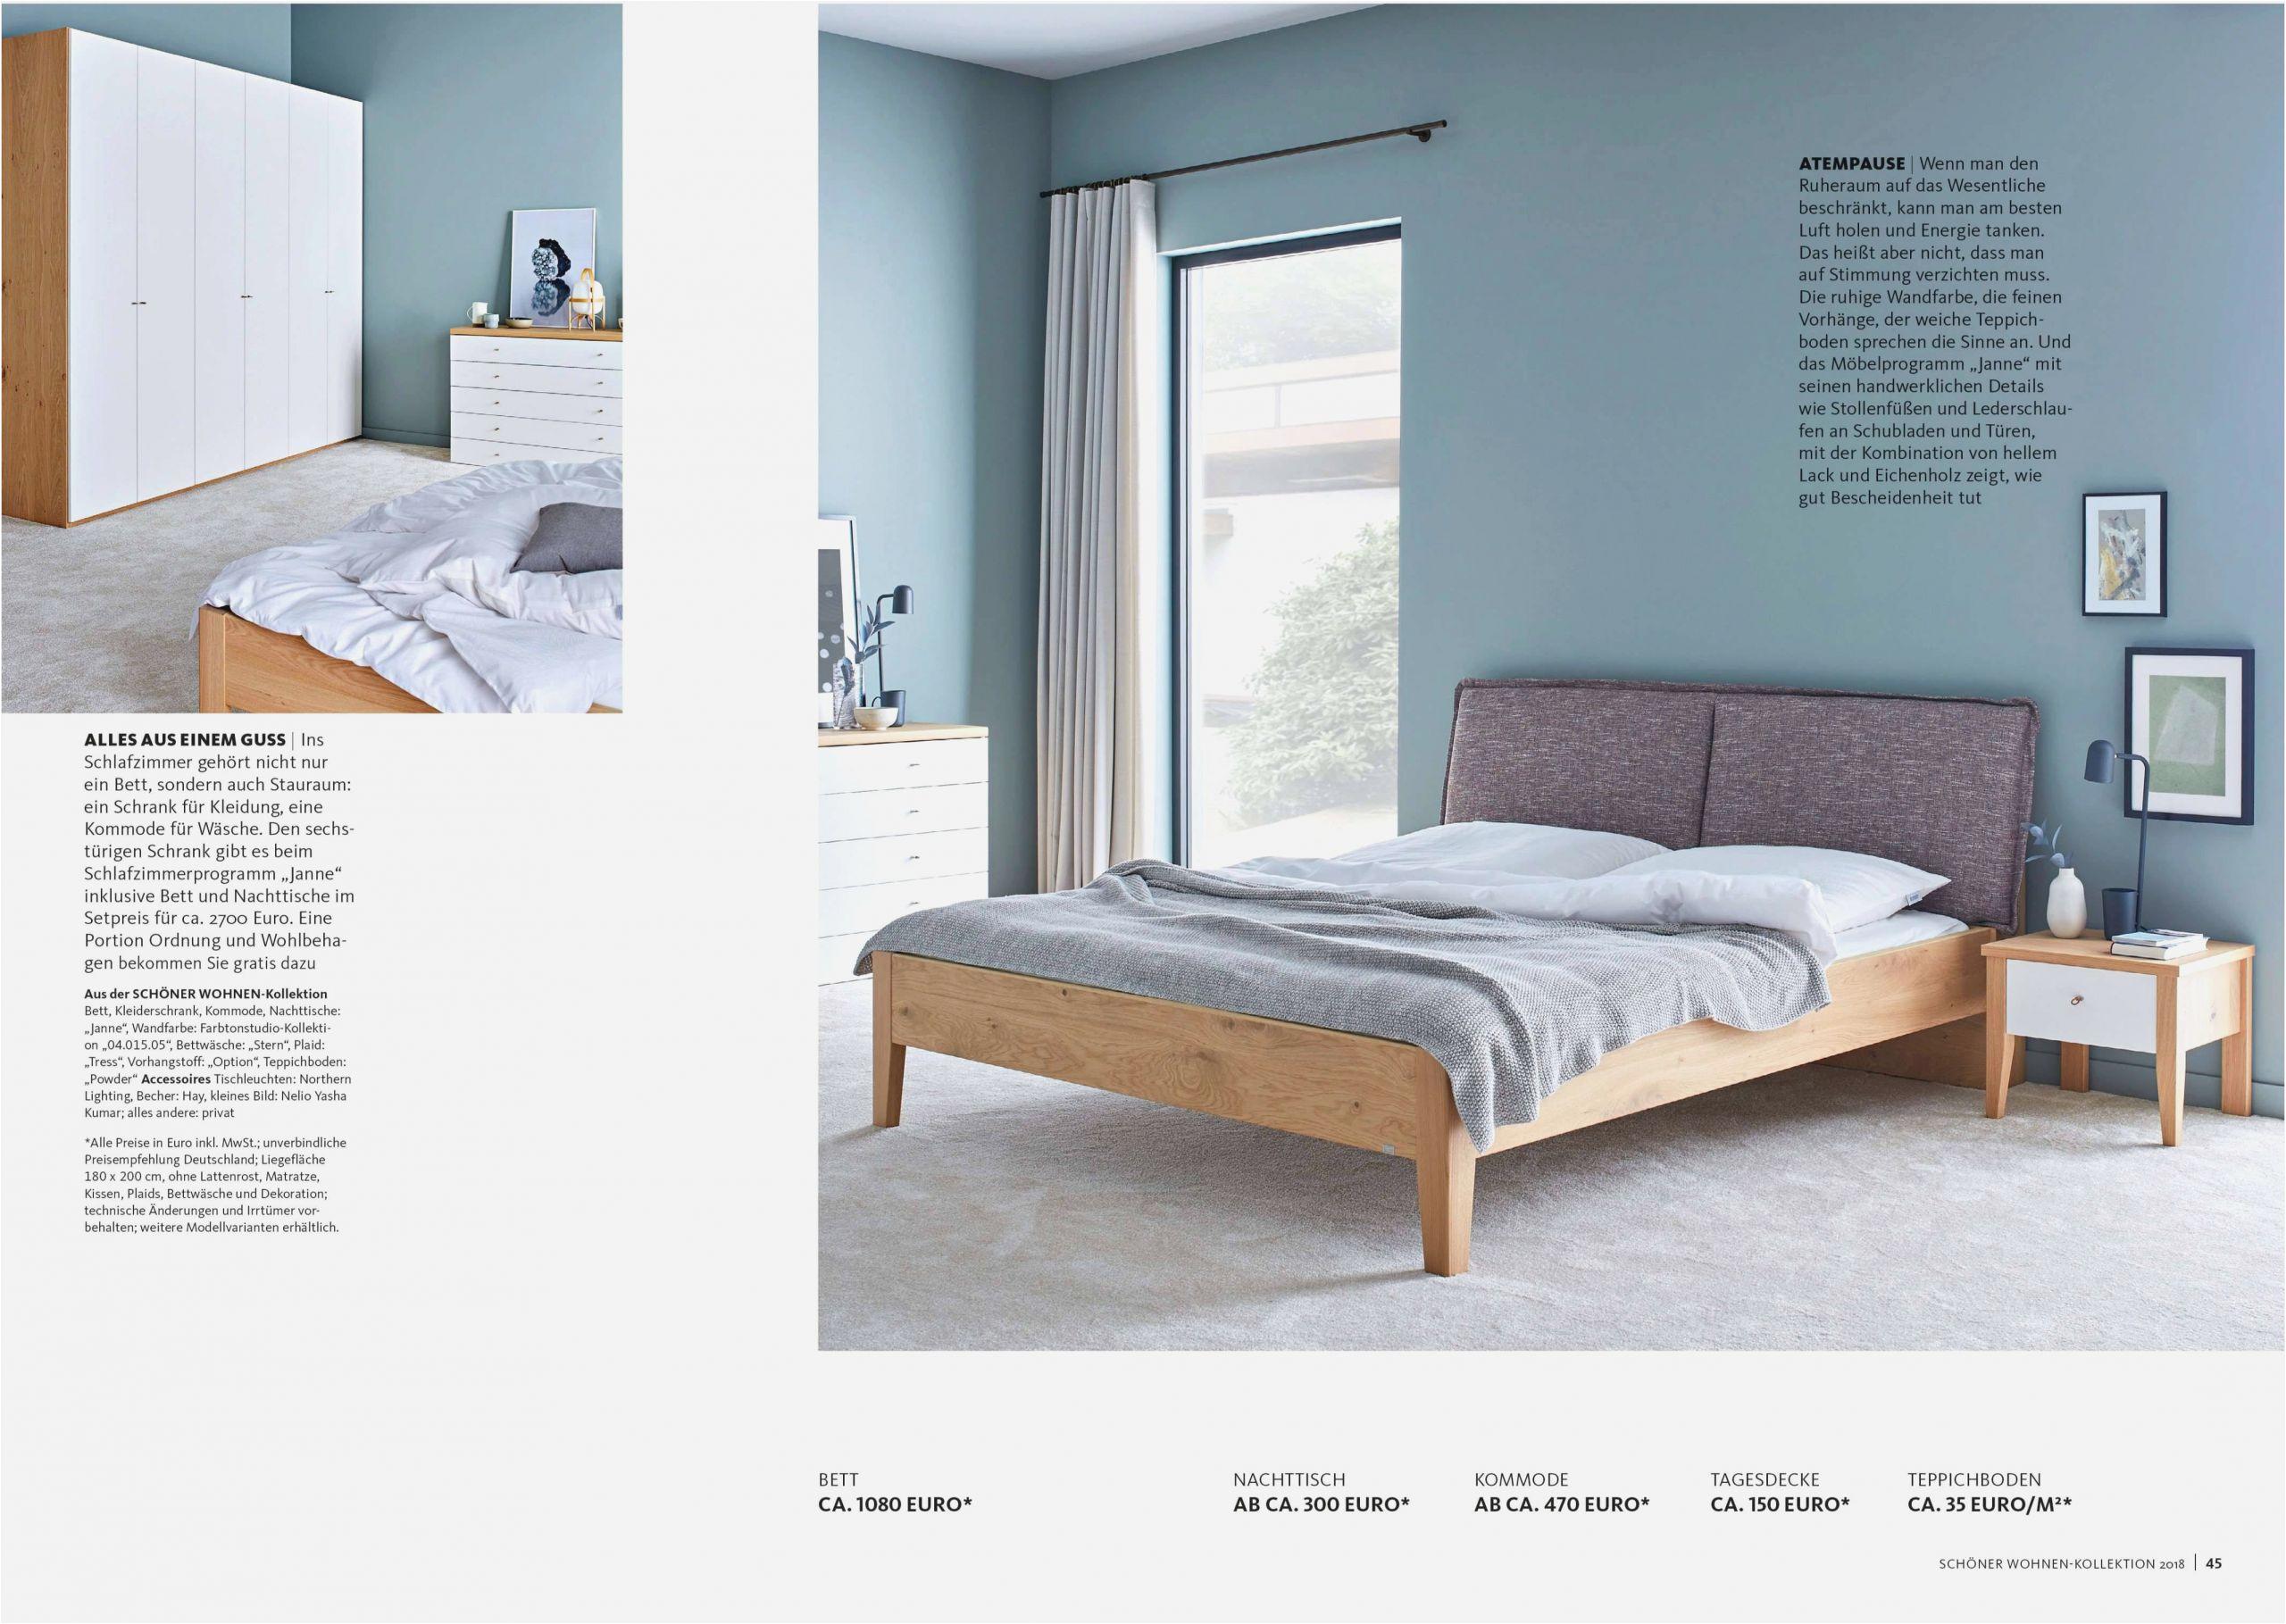 Ikea Schlafzimmer Aktion Ikea Schlafzimmer Schrsnk Schlafzimmer Traumhaus